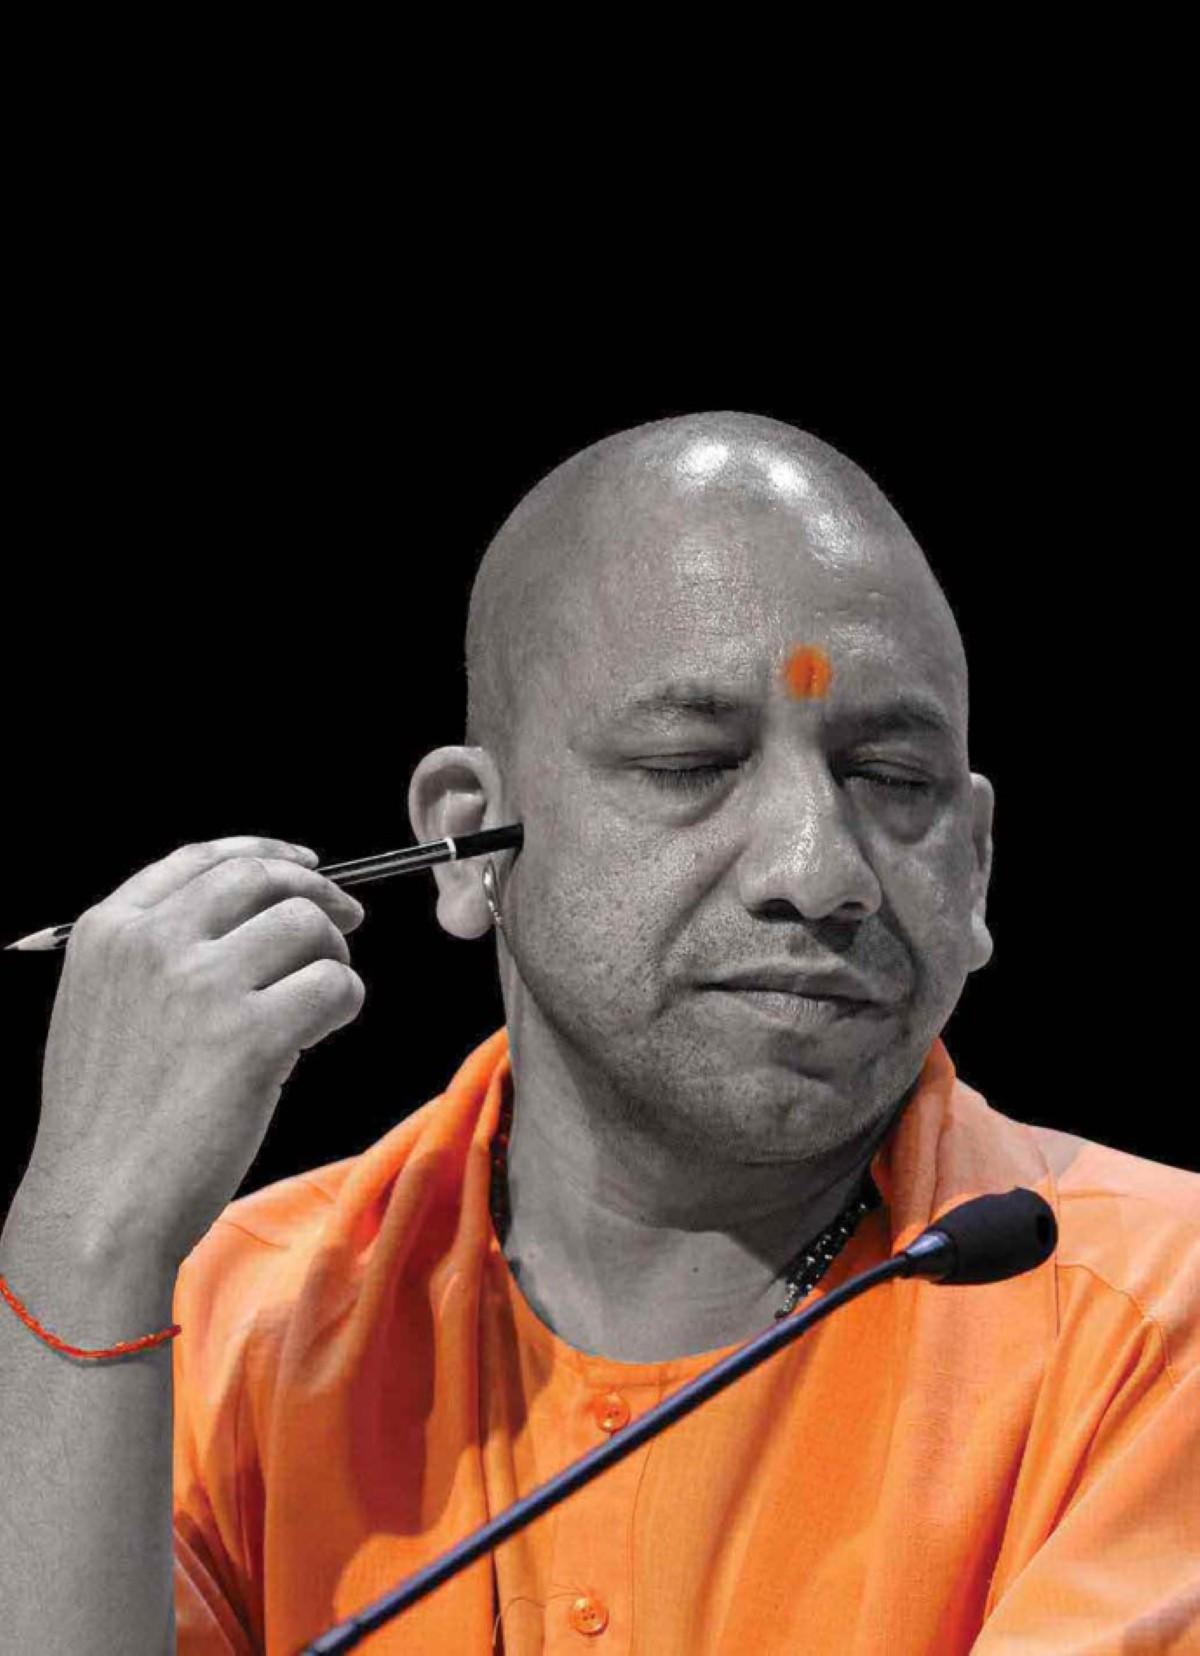 """[La Mauricienne] """"Yogi"""" Adityanath, un prêtre extrémiste et islamophobe à la tête du plus grand Etat de l'Inde"""